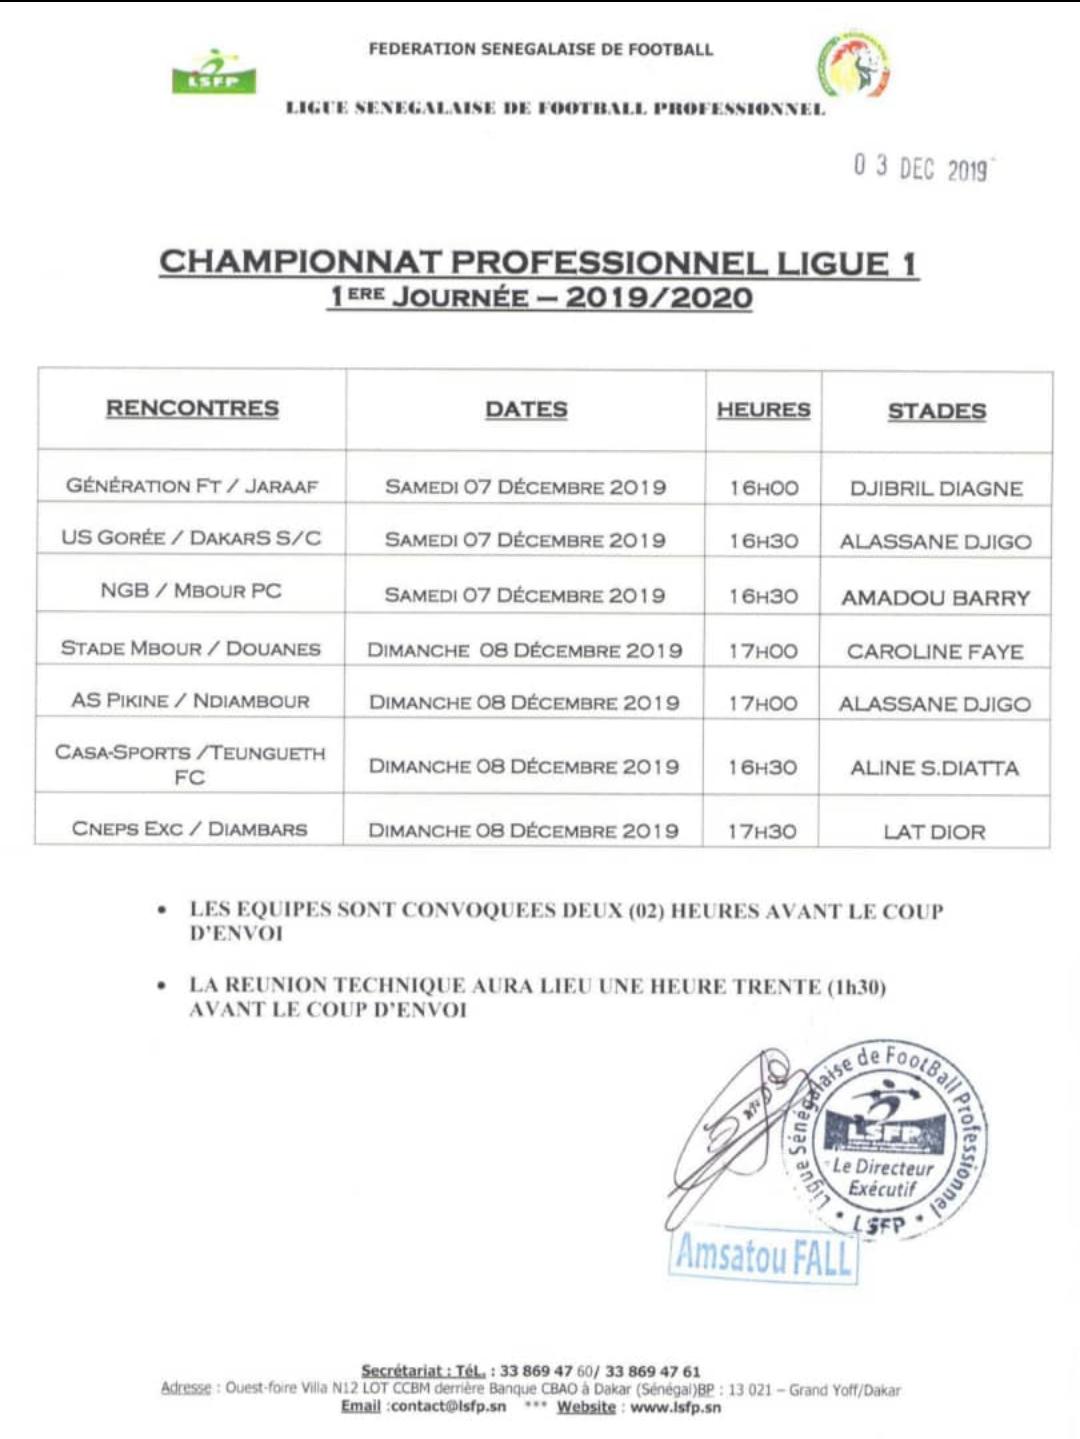 Démarrage ligue 1 / Programme complet : Le champion en titre Génération Foot recoit le Jaraaf,  choc entre le Casa et Teungueth FC, l'US Gorée accueille DSC…